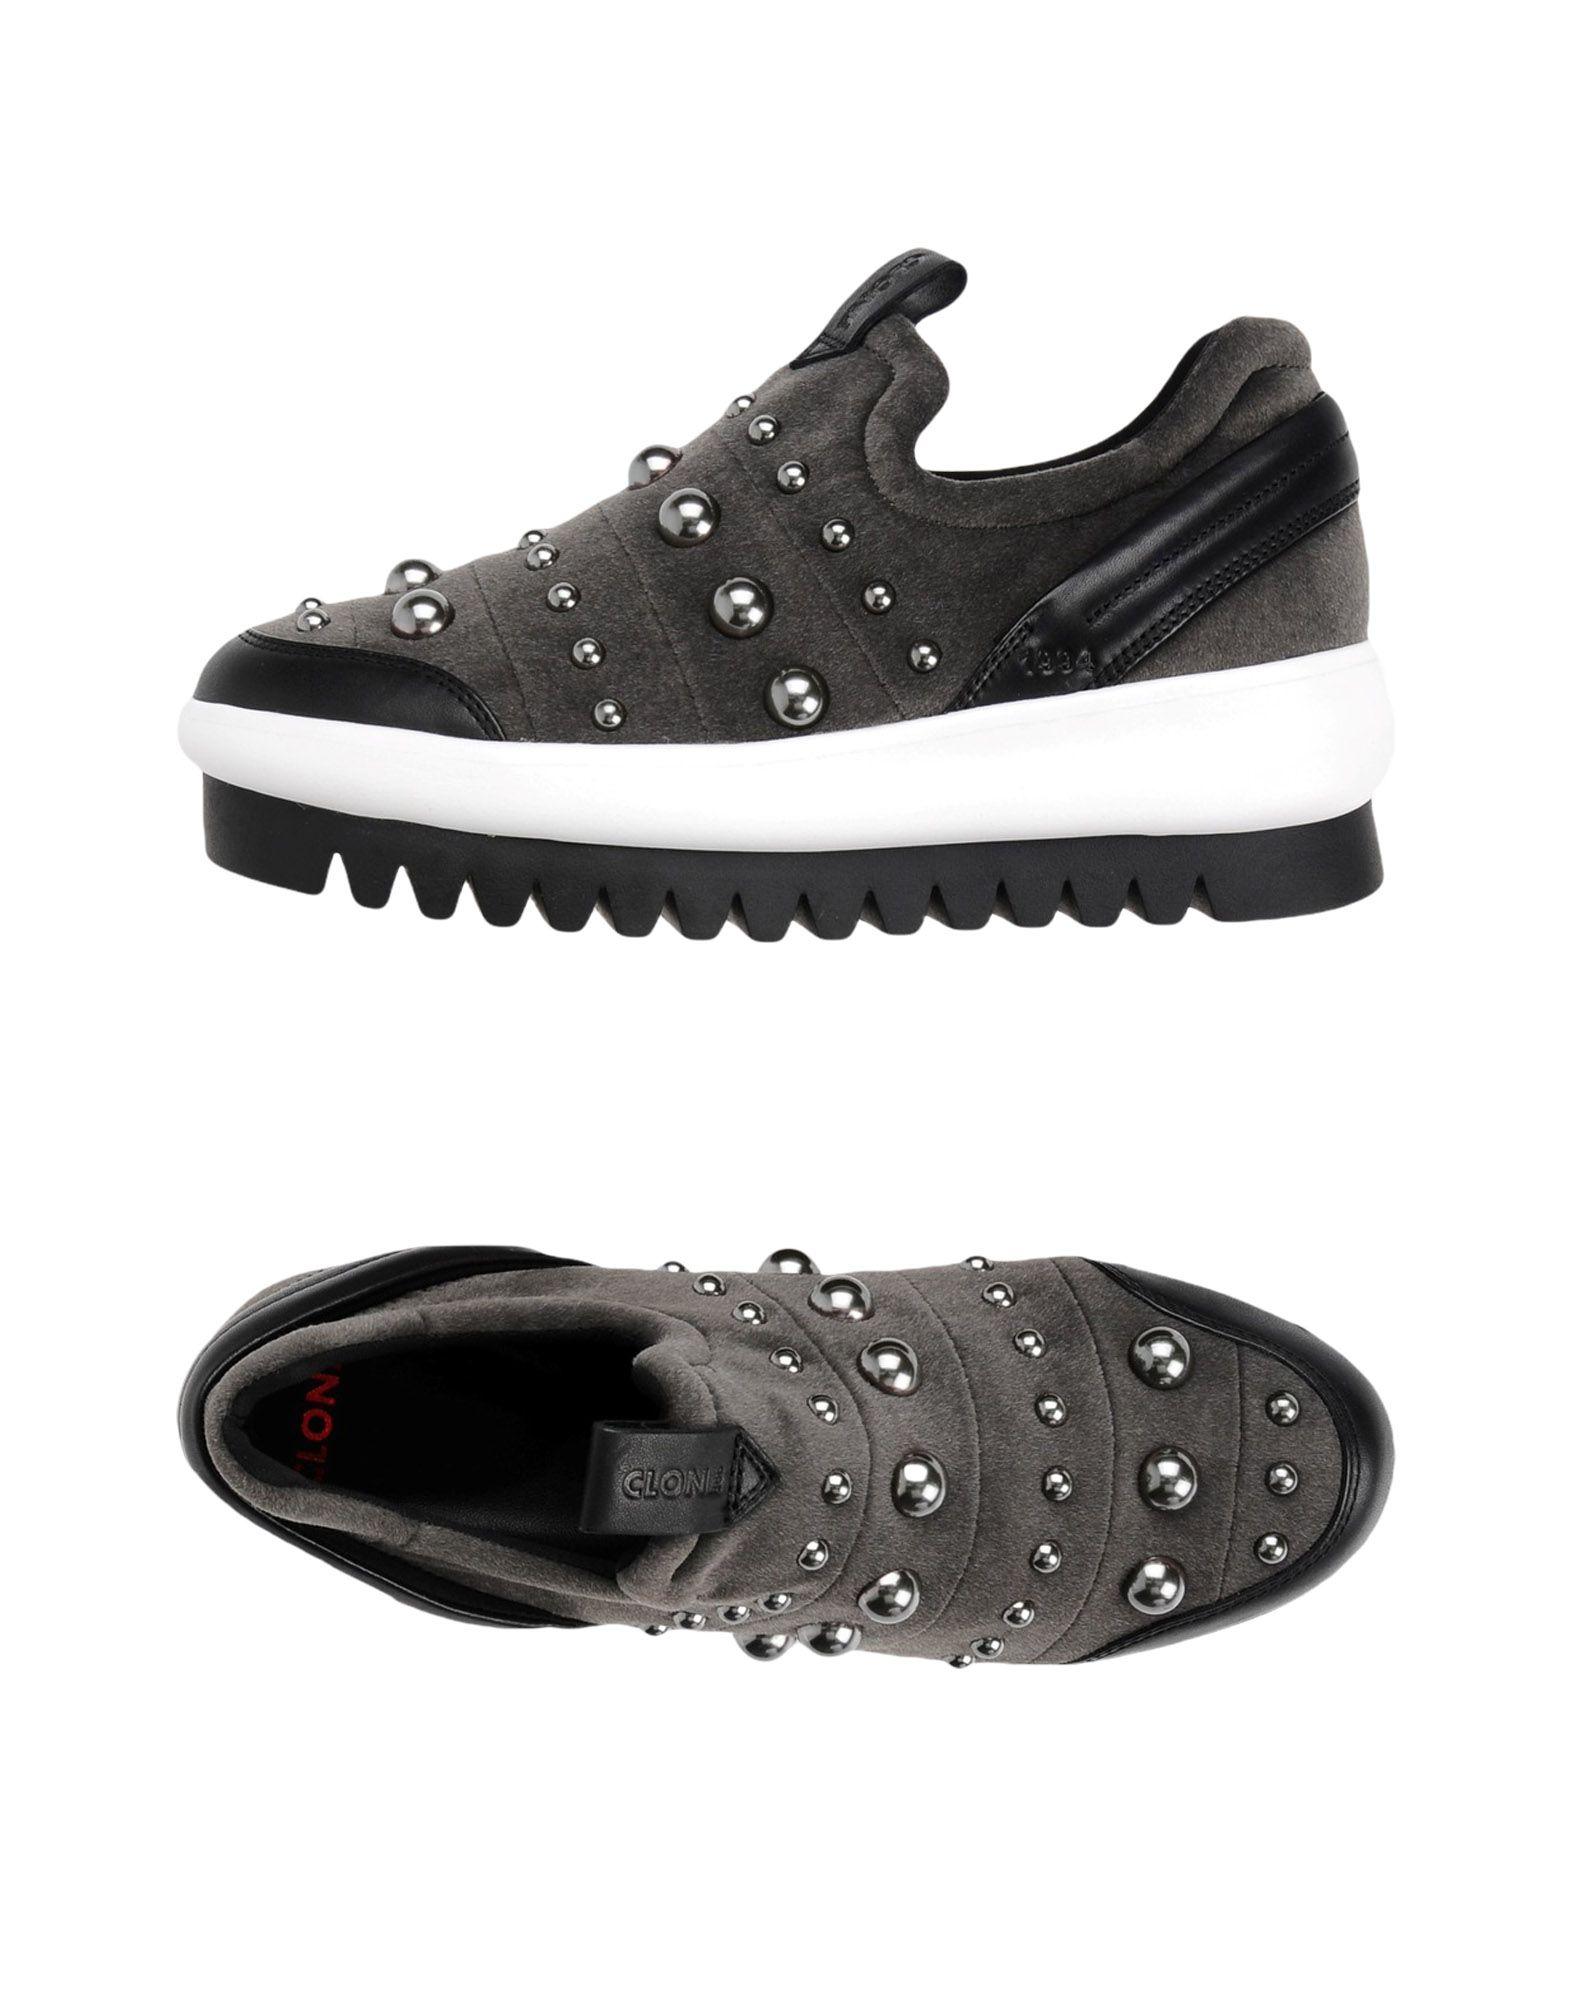 Zapatillas Clone Rocmoon - - Mujer - - Zapatillas Clone  Gris 8e75da